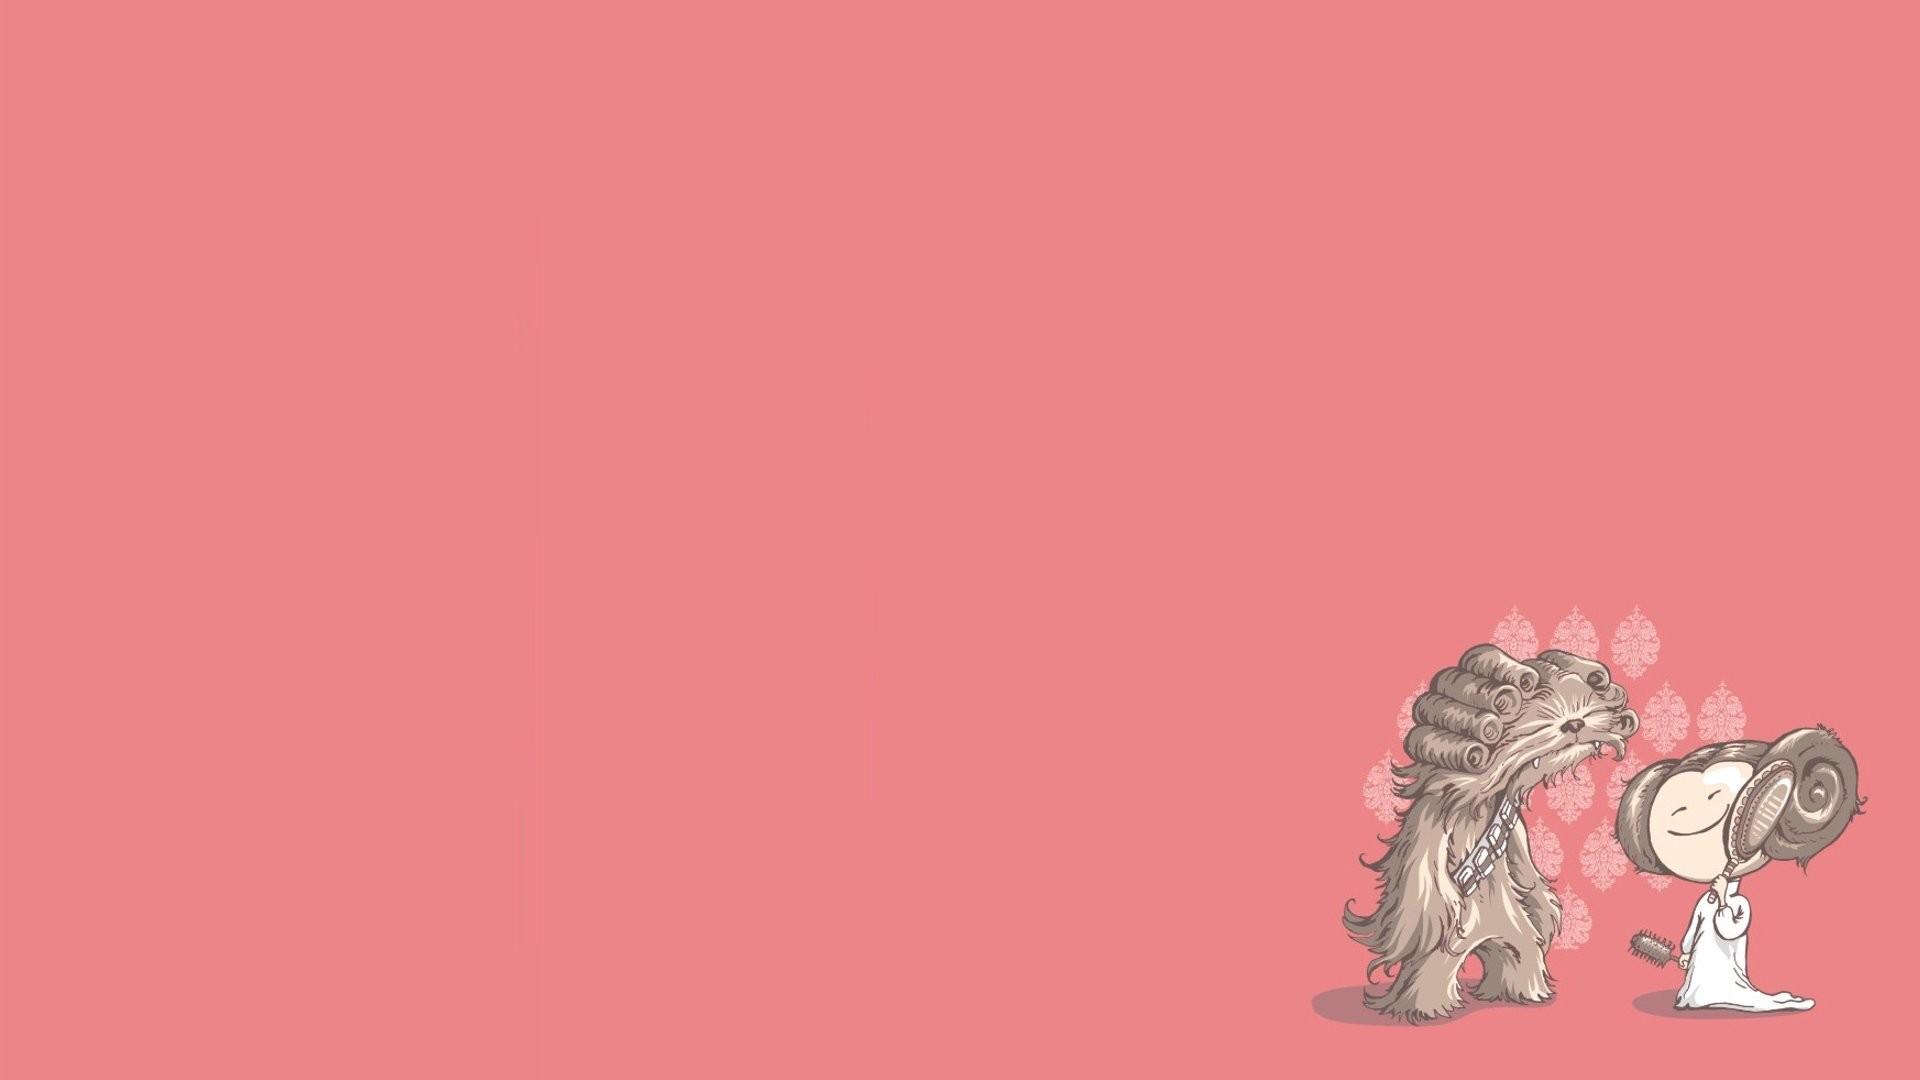 92 928149 star wars funny illustrations digital art wallpaper cute